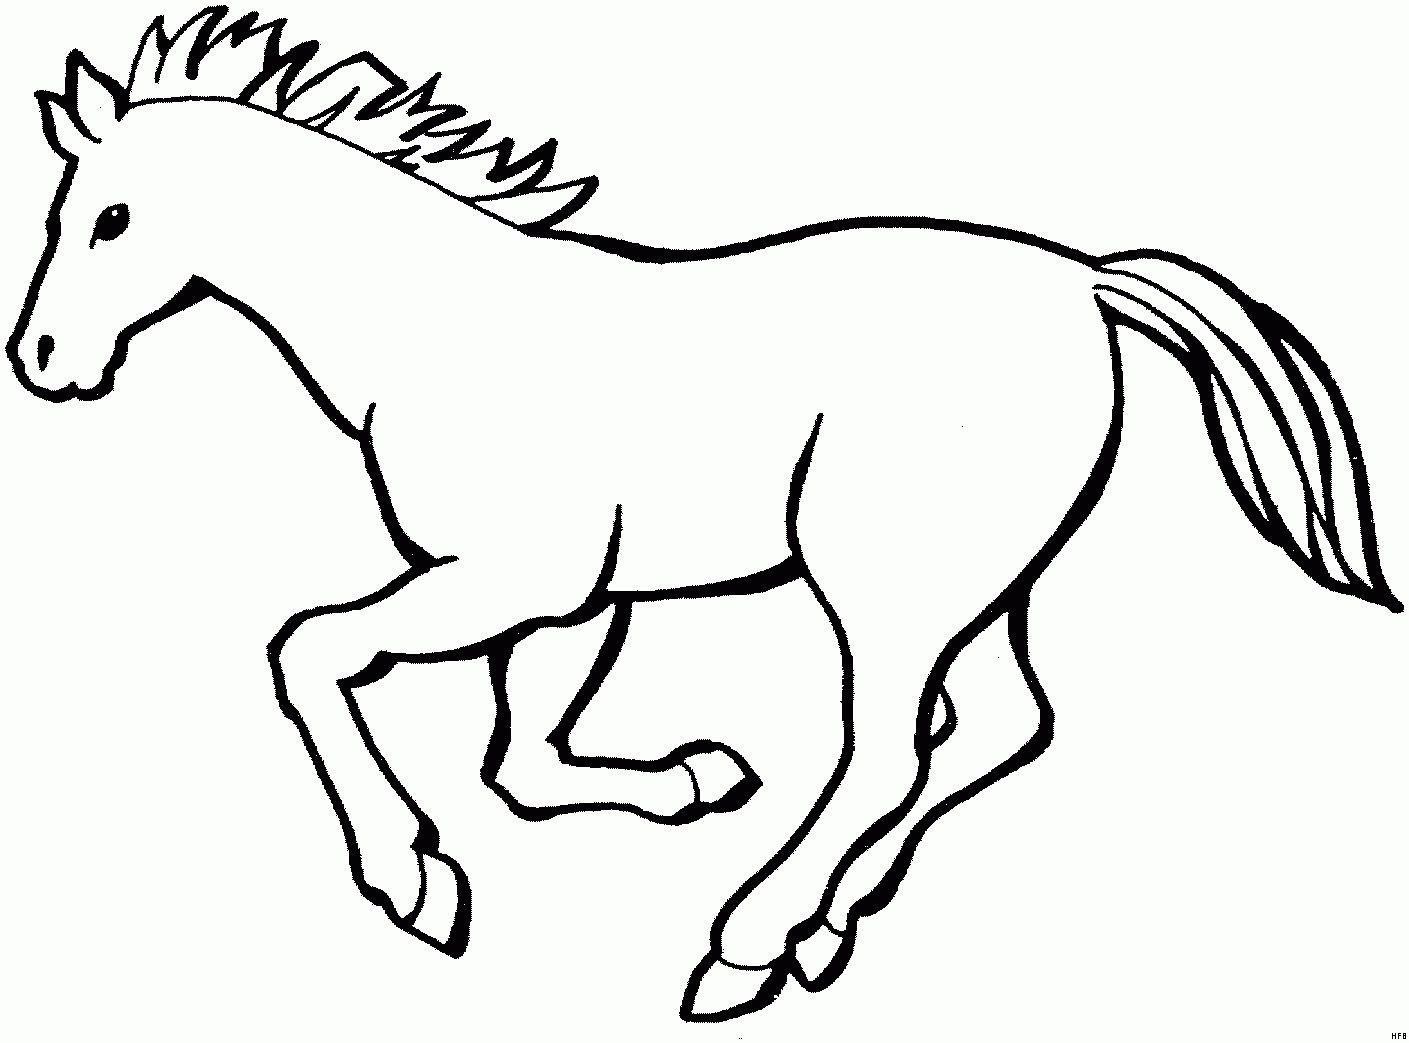 Die 20 Besten Ideen Fur Ausmalbilder Pferd Kostenlos Beste Wohnkultur Bastelideen Coloring Und Frisur Inspiration Ausmalbilder Pferde Ausmalbilder Malvorlagen Pferde